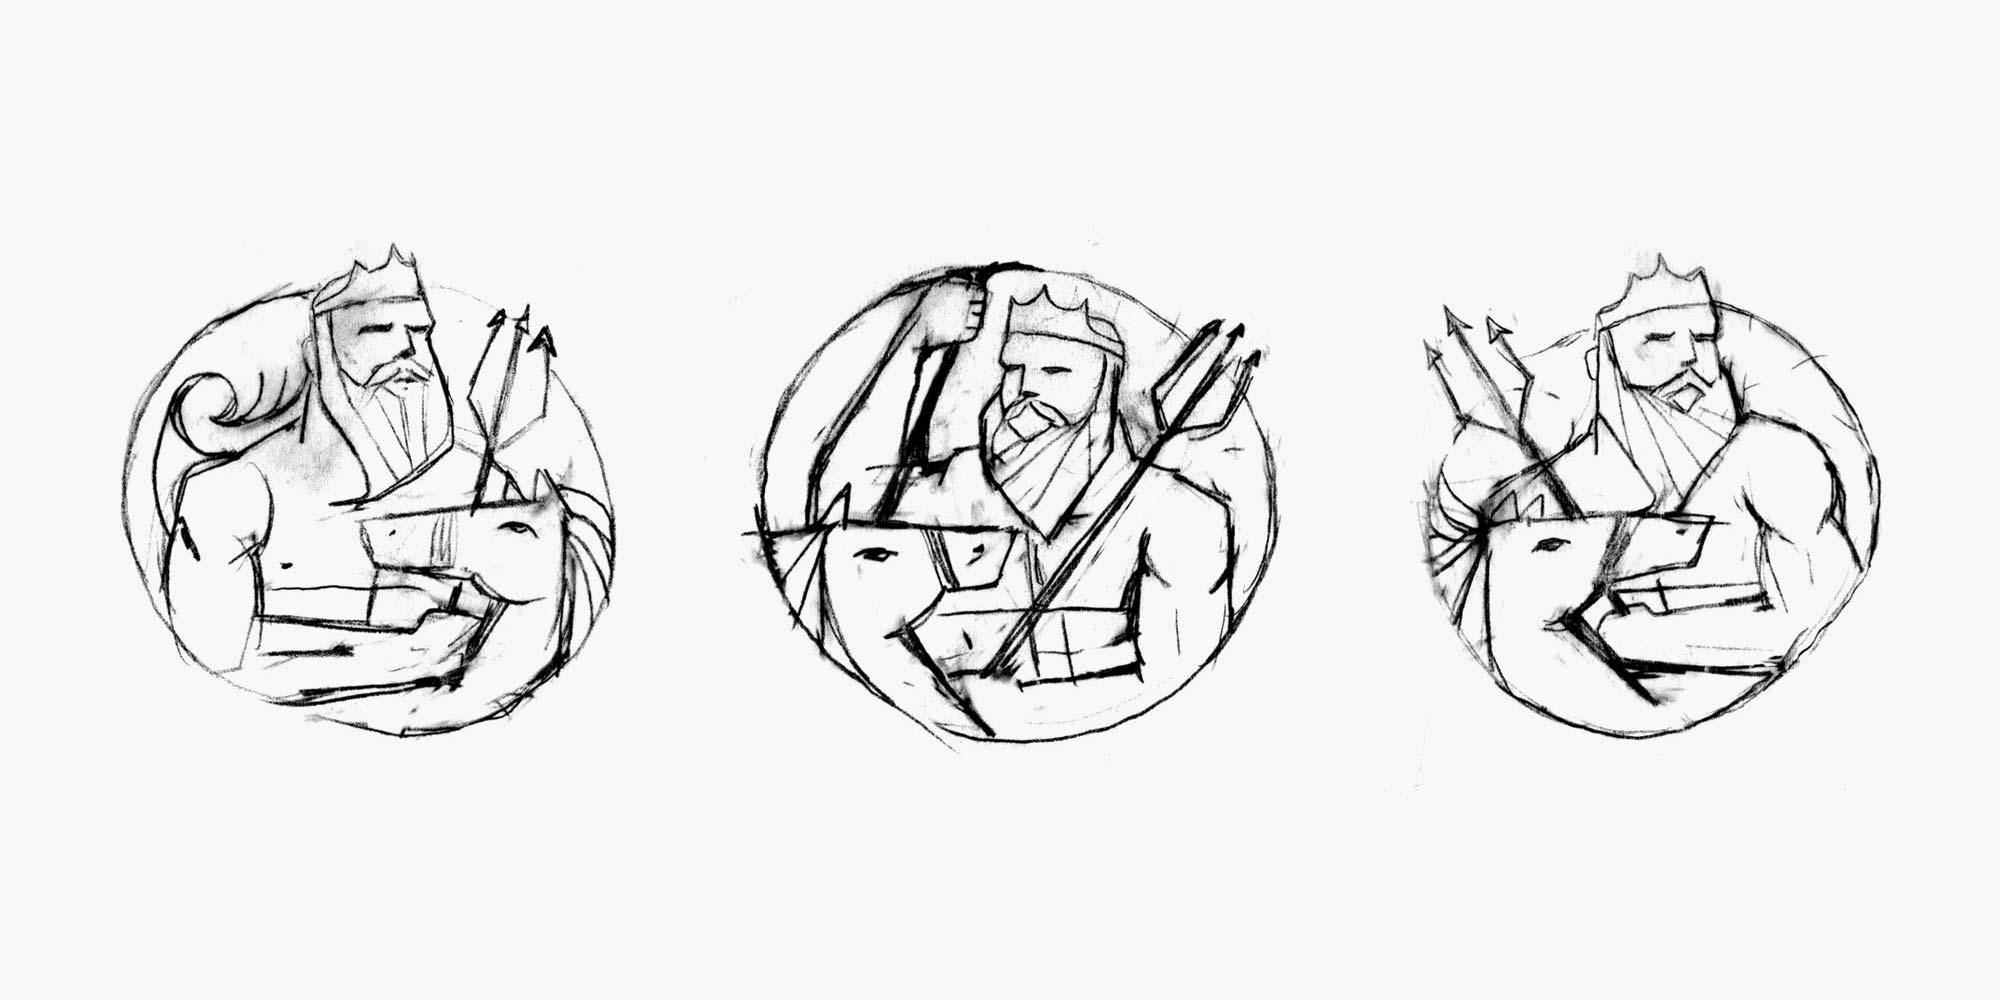 05-Poseidon-sketches-2